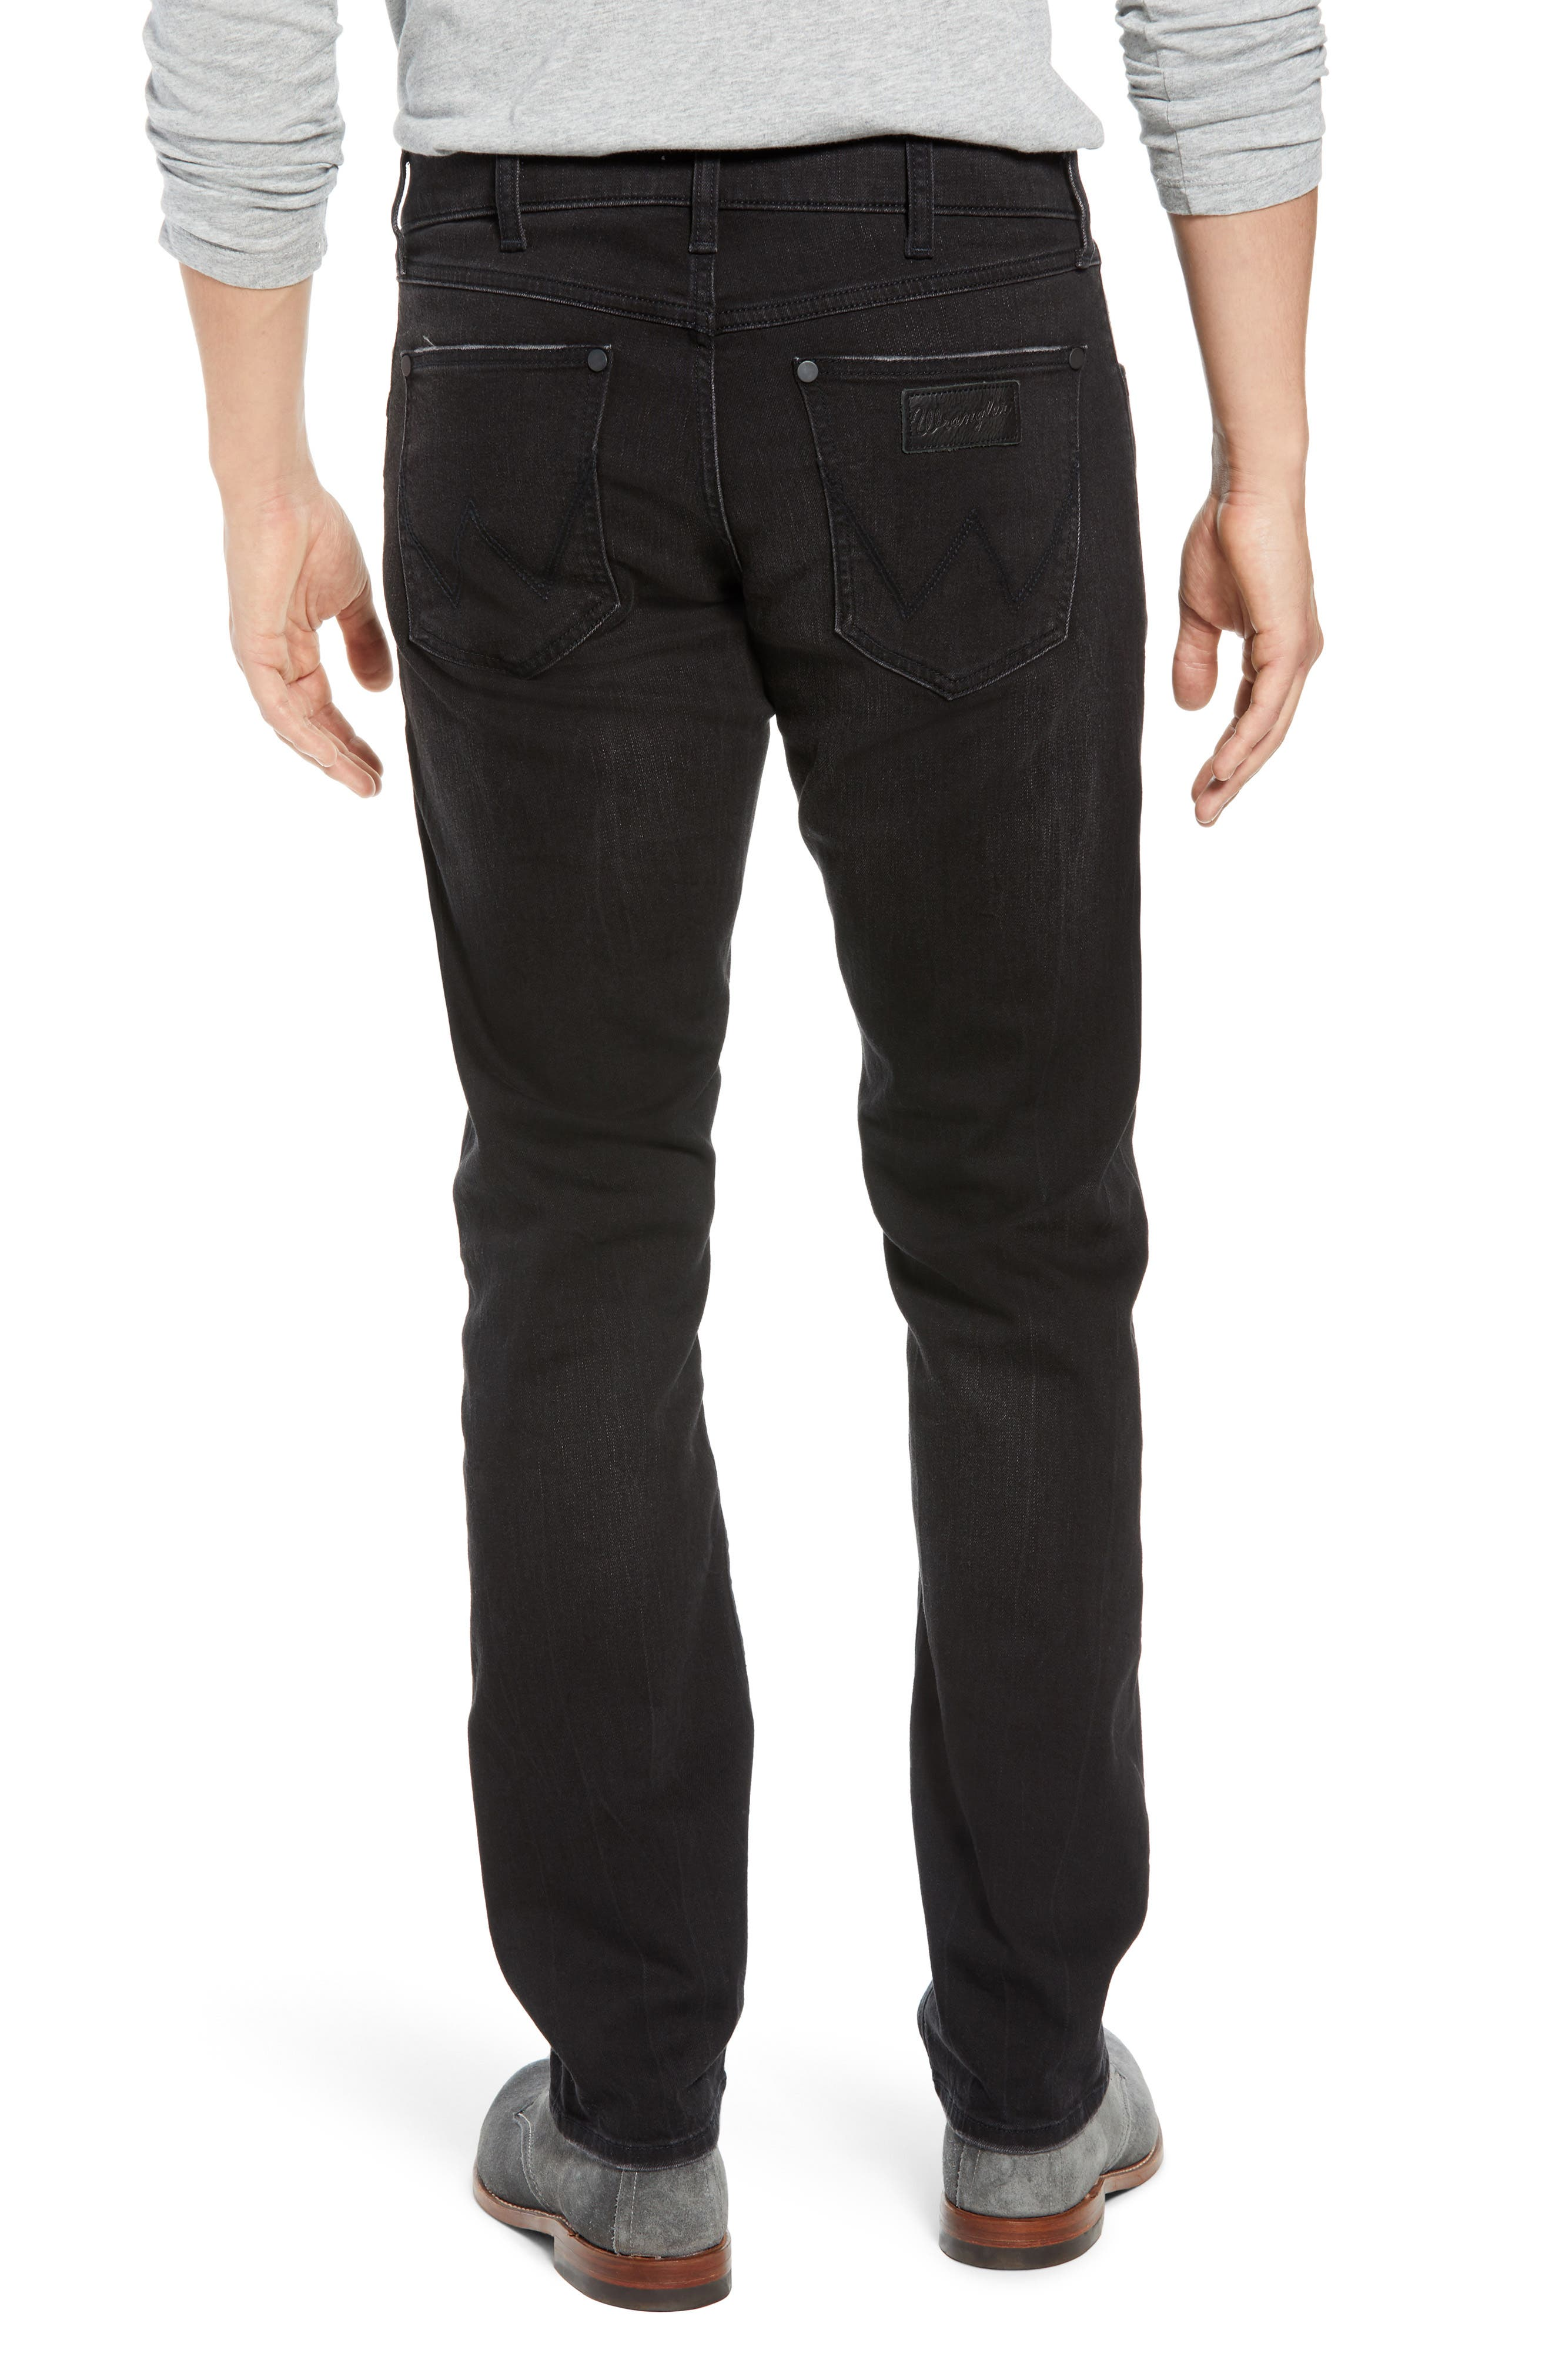 Greensboro Straight Leg Jeans,                             Alternate thumbnail 2, color,                             BLACK